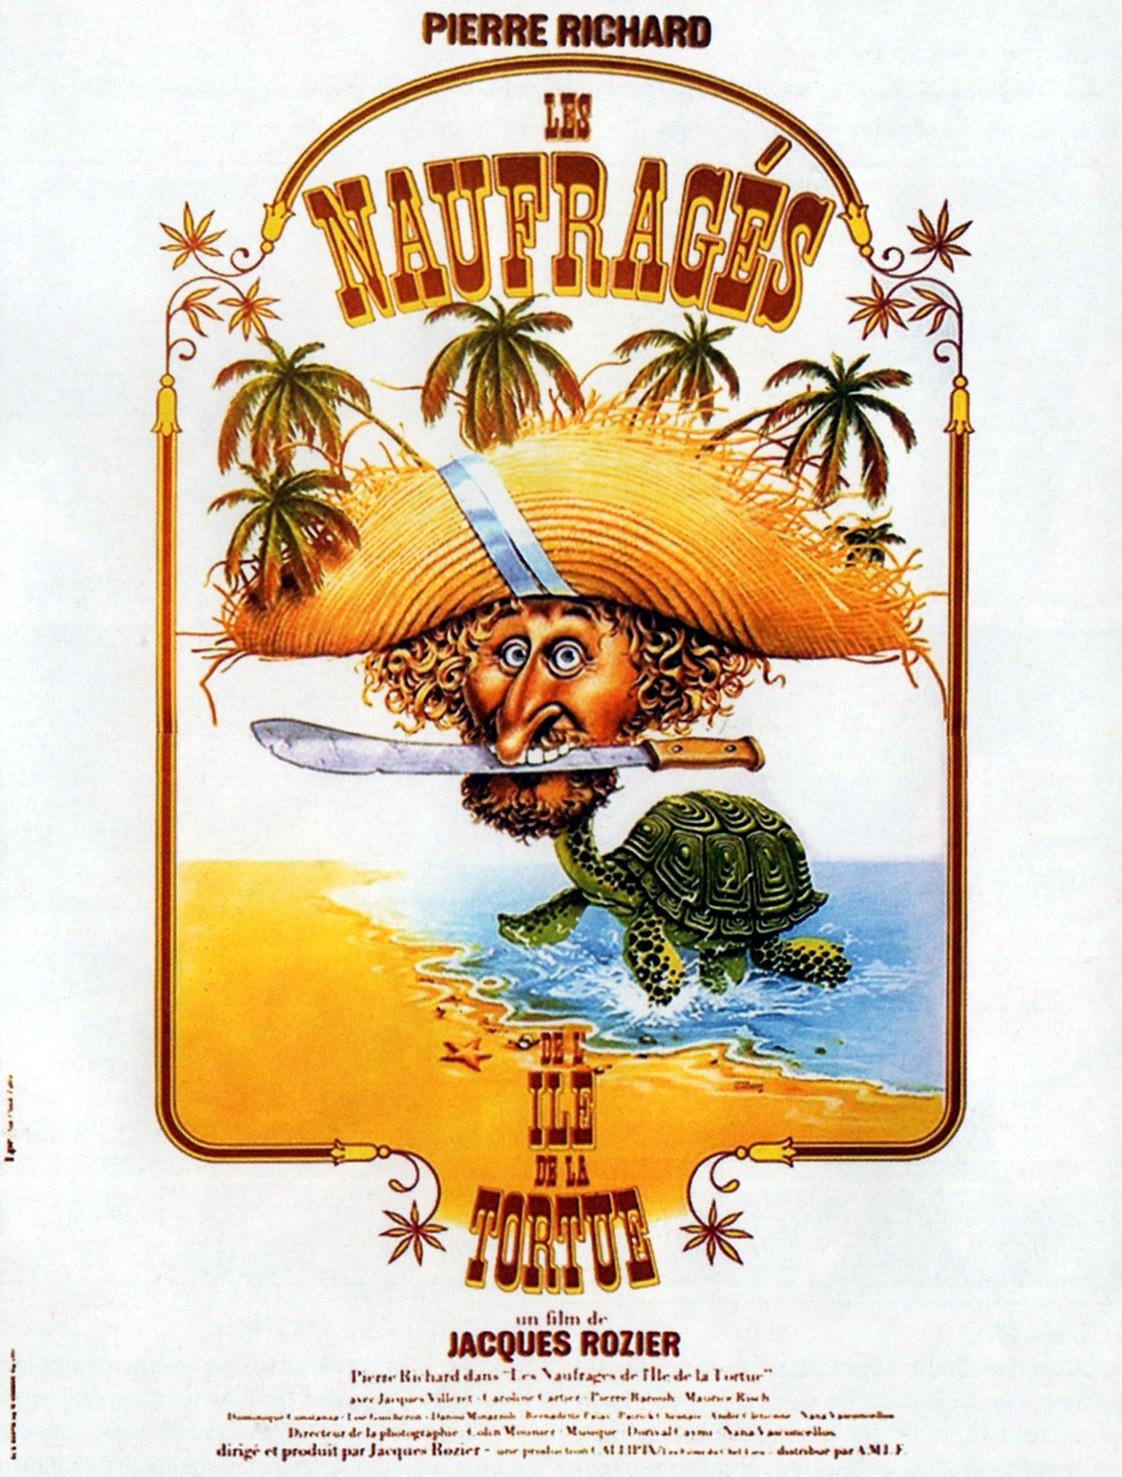 affiche du film Les Naufragés de l'ile de la Tortue